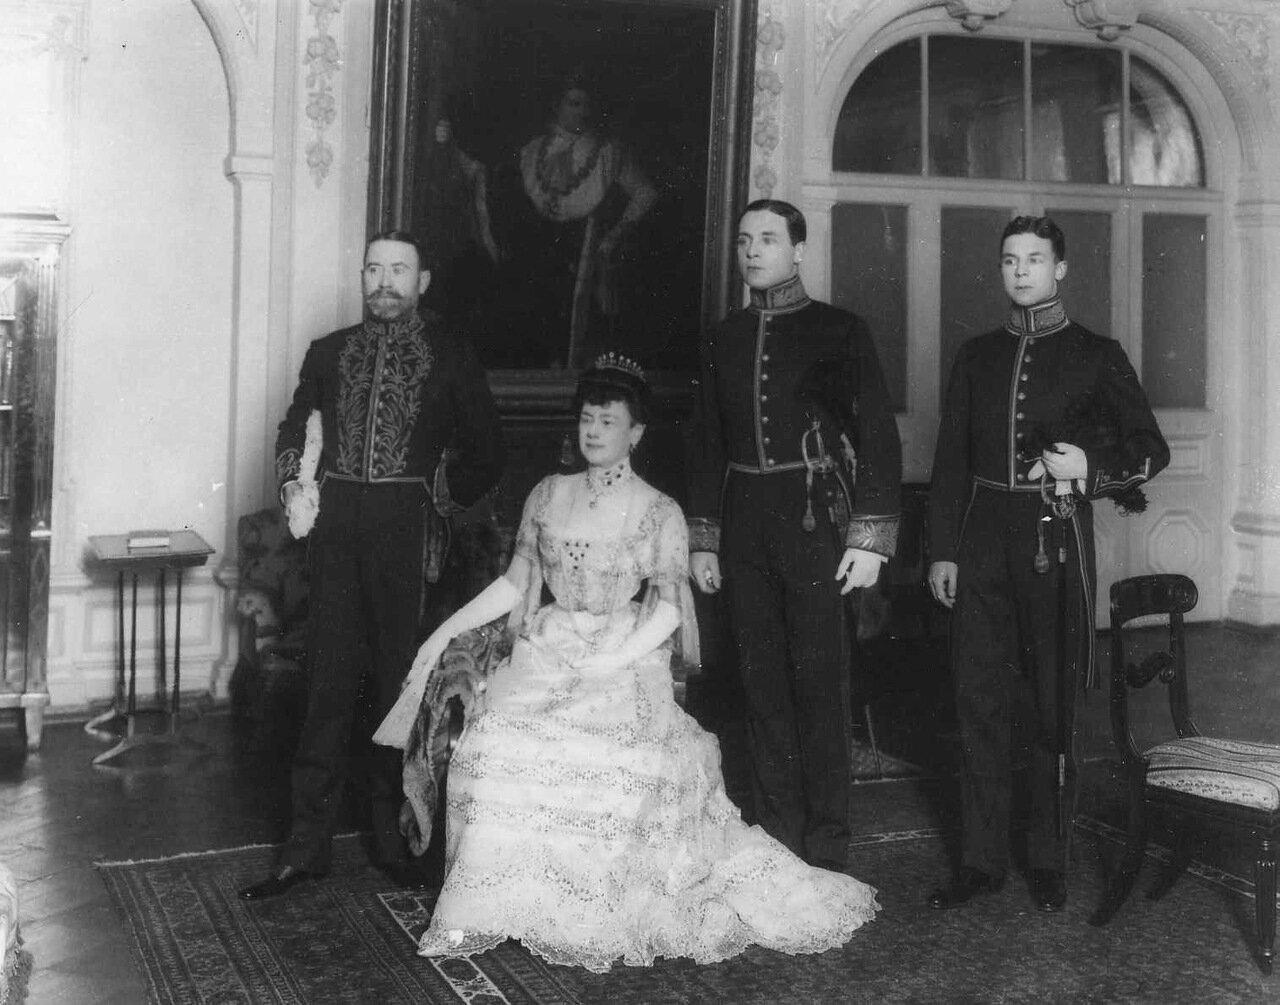 03. Посол с женой и двумя служащими посольства в парадных костюмах